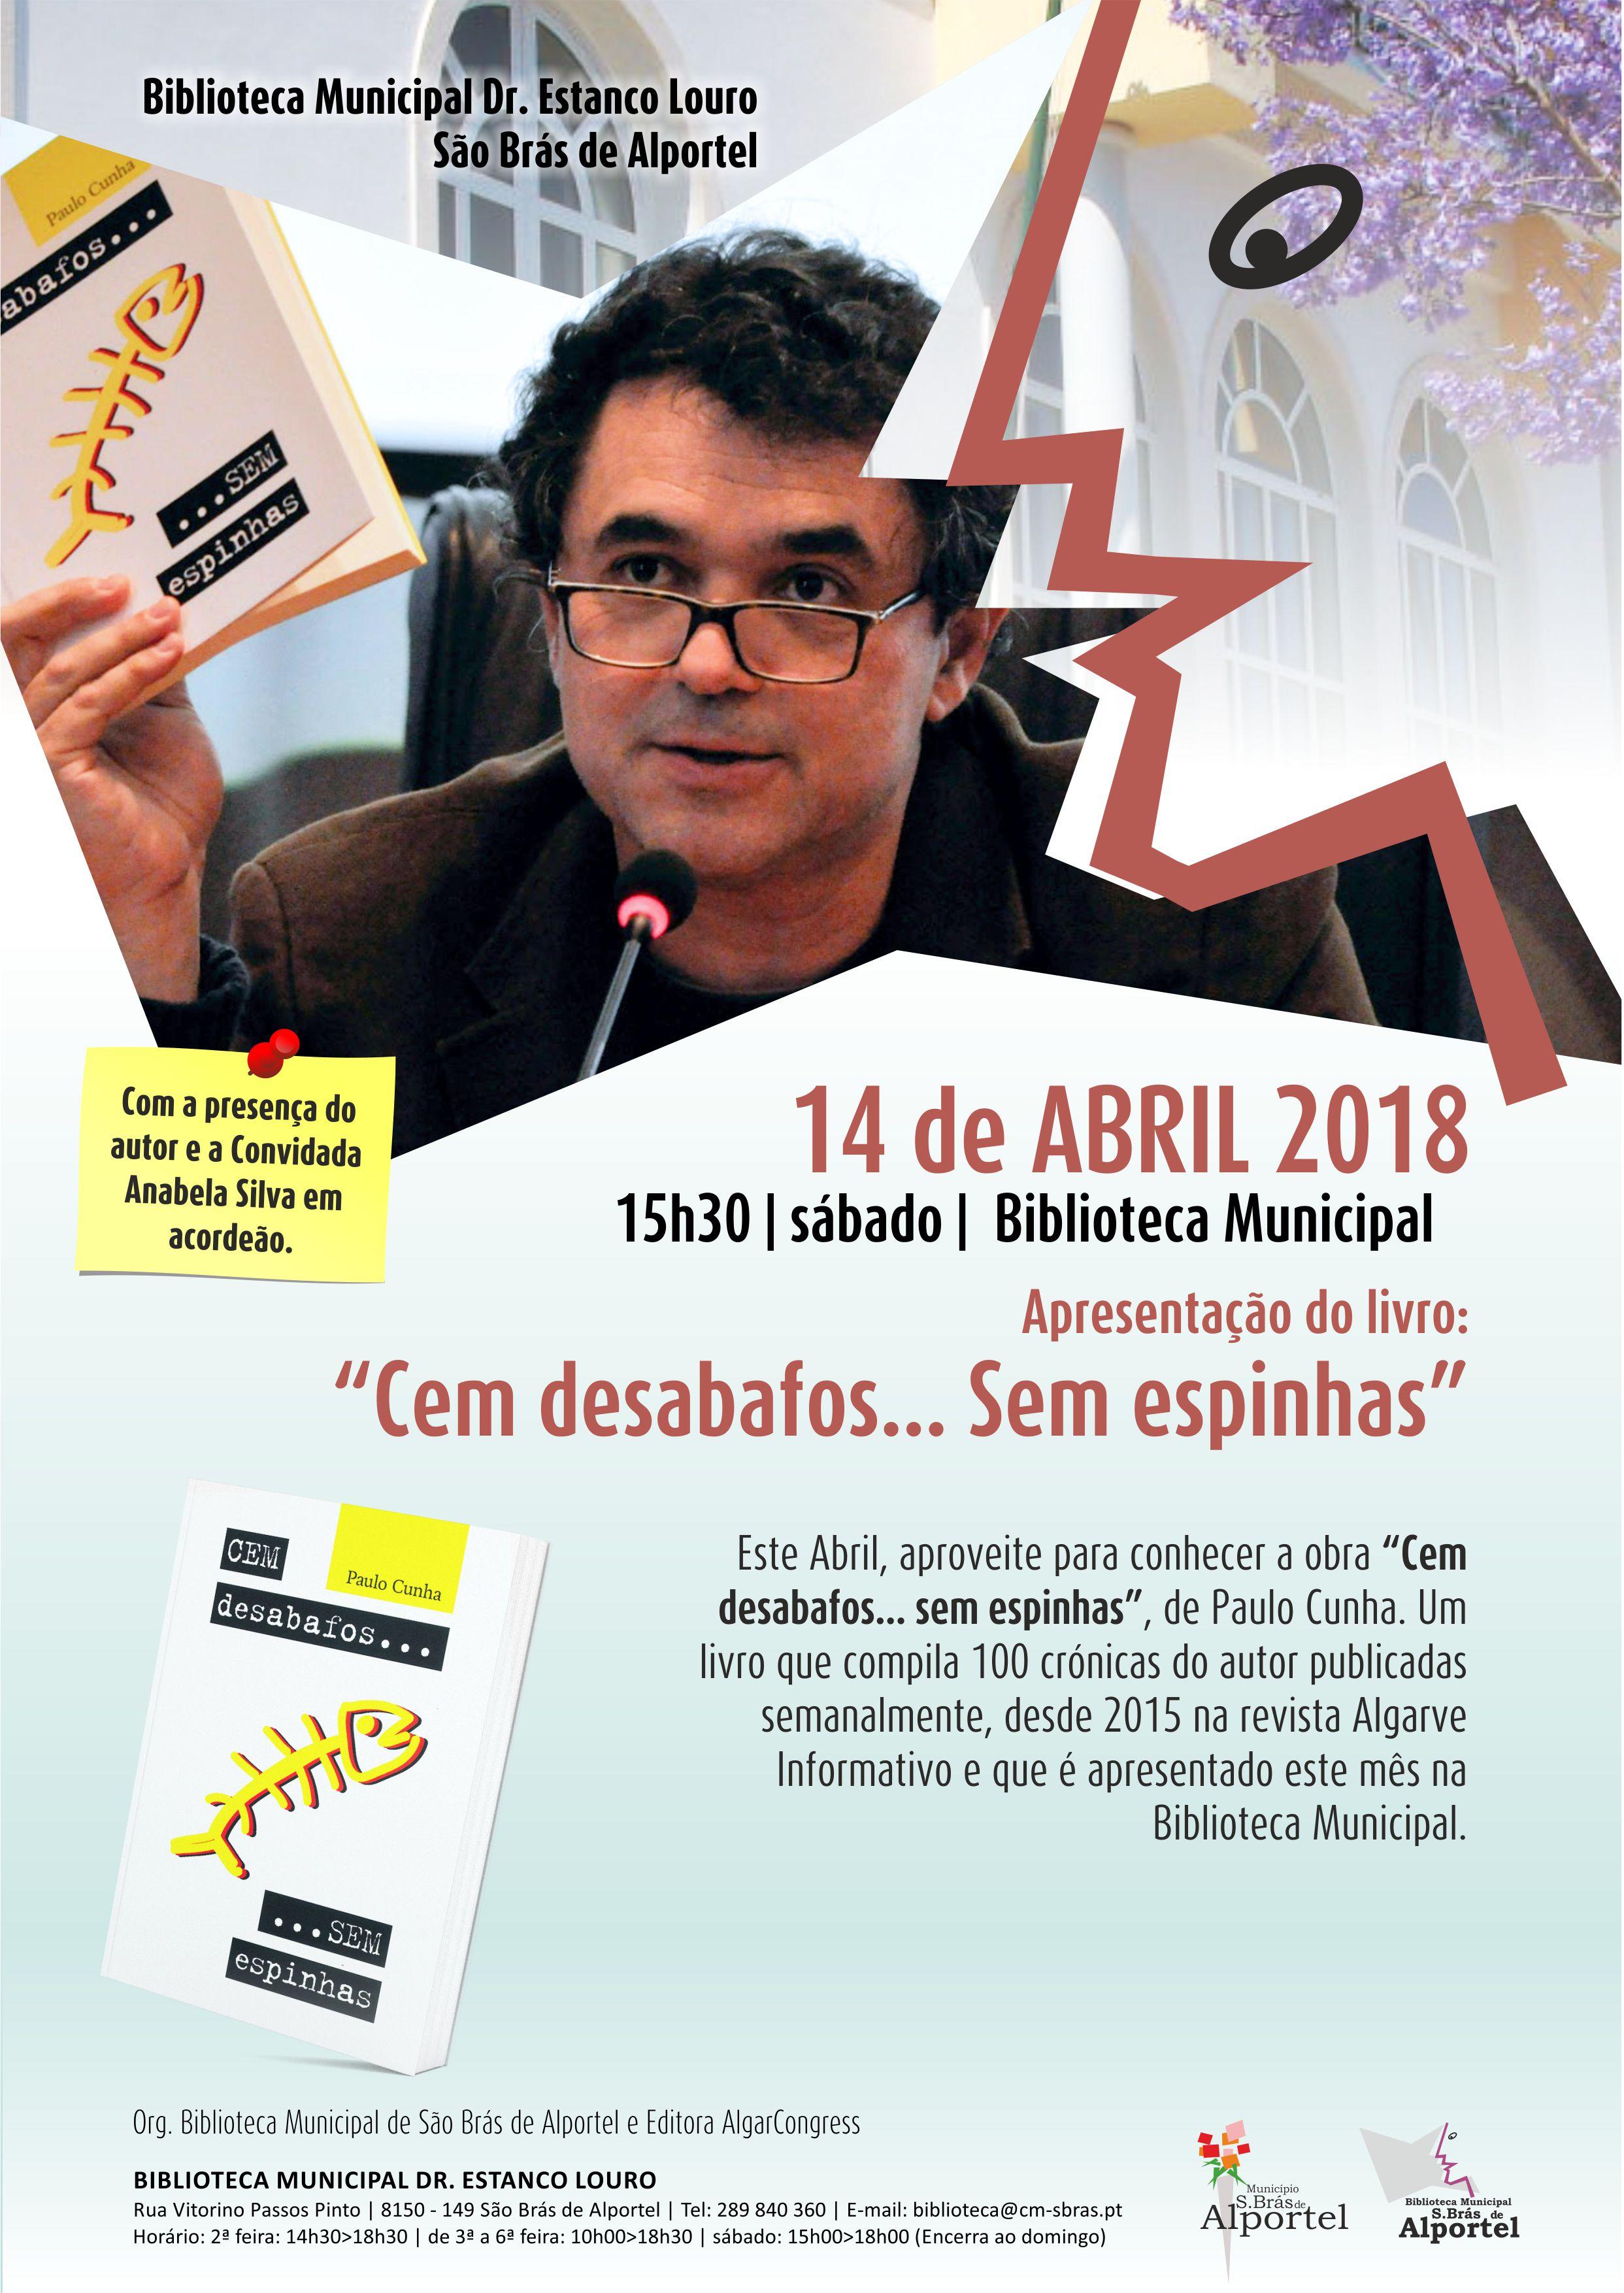 cartaz da apresentação do livro cem desabafos... sem espinhas